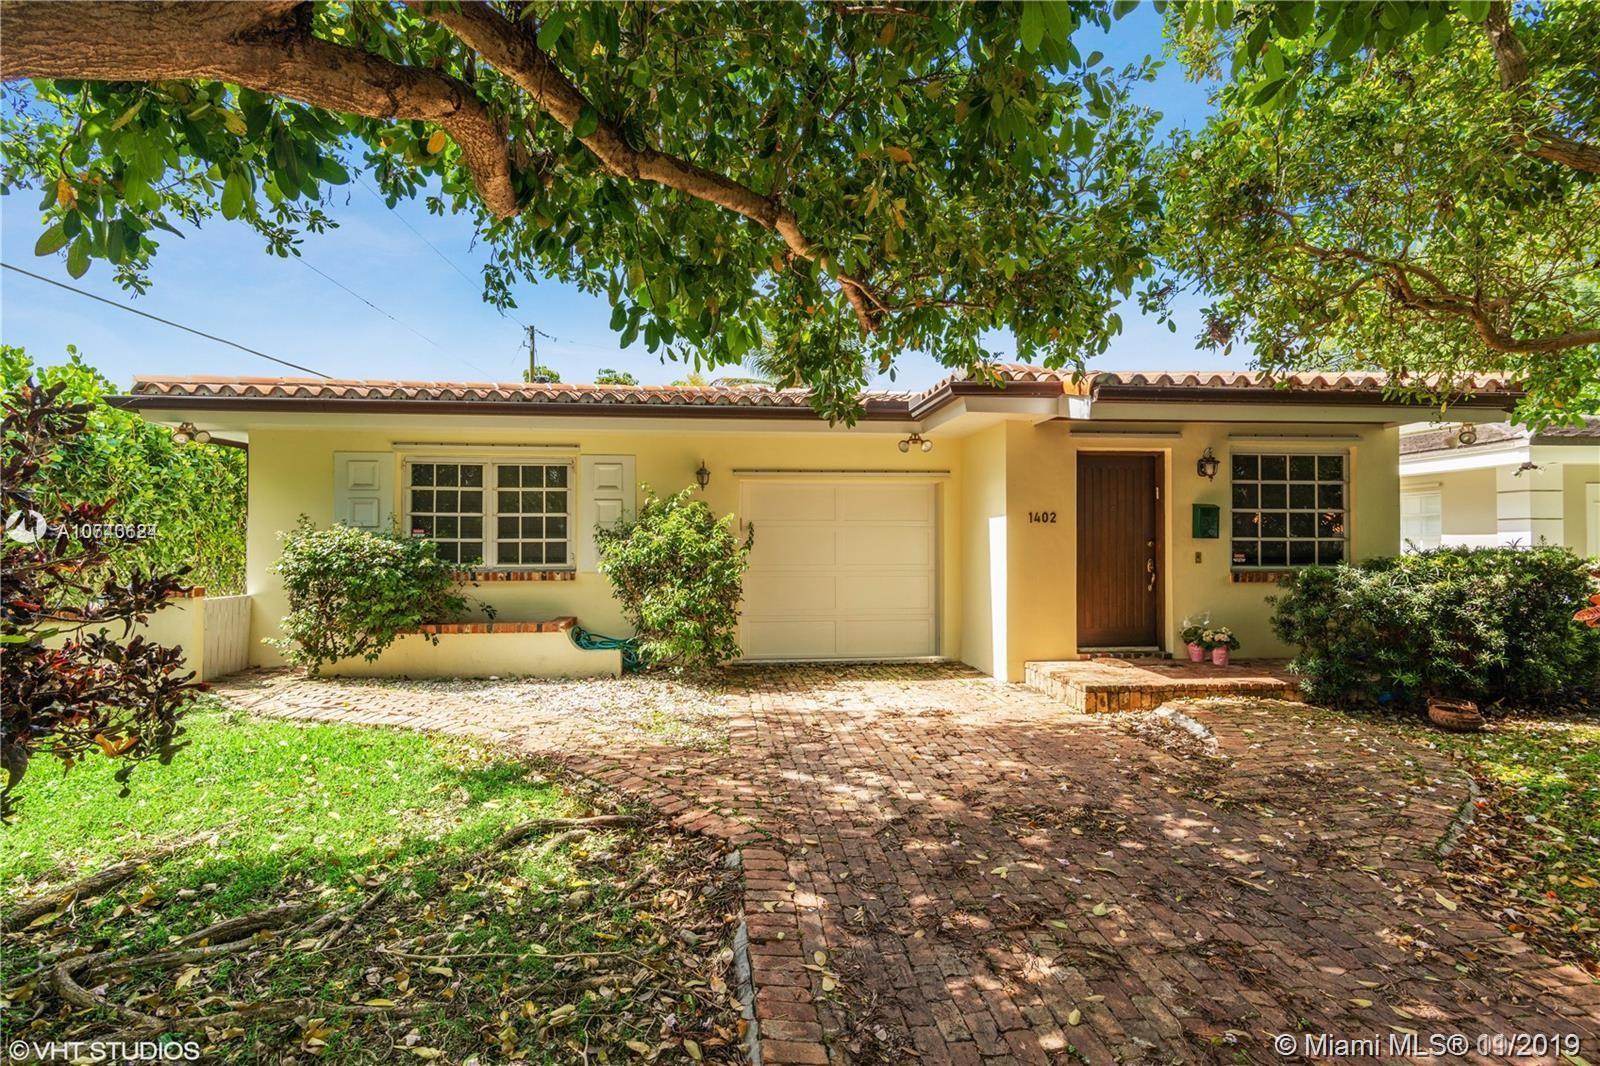 1402  Urbino Ave  For Sale A10743624, FL